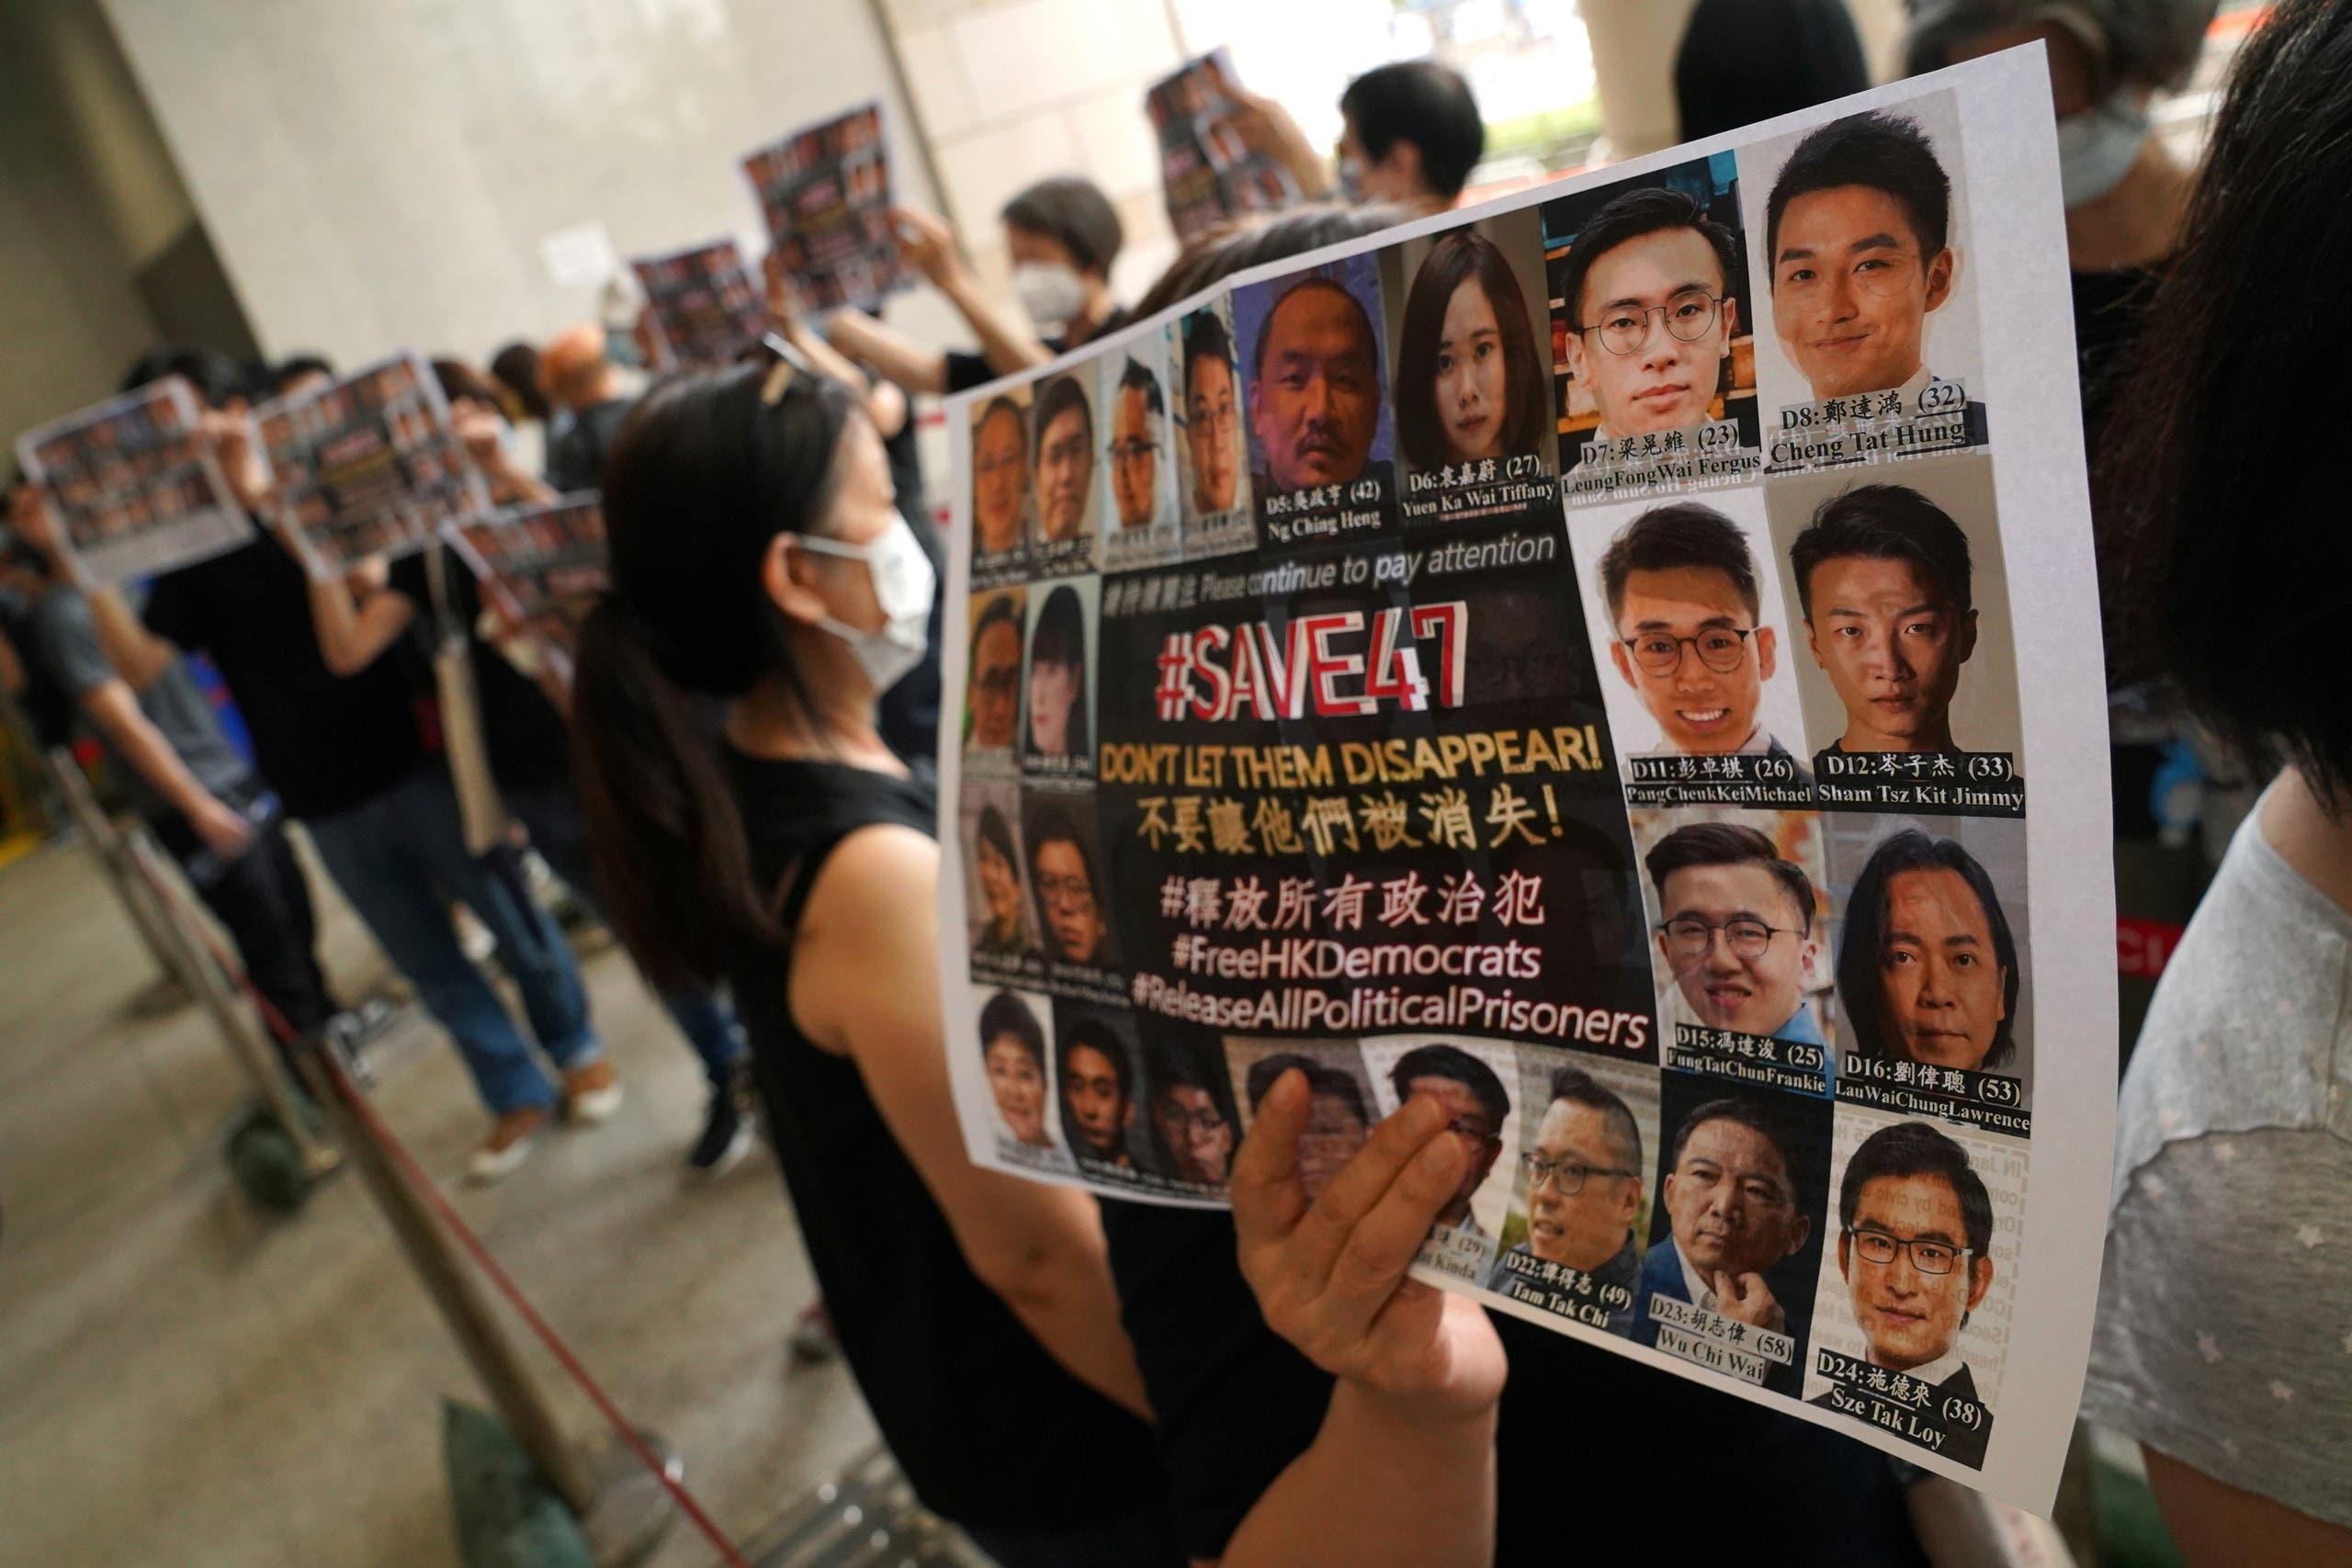 رفع لافتة في هونغ كونغ تحمل صور ناشطين تلاحقهم السلطات لمطالبتهم بالديمقراطية